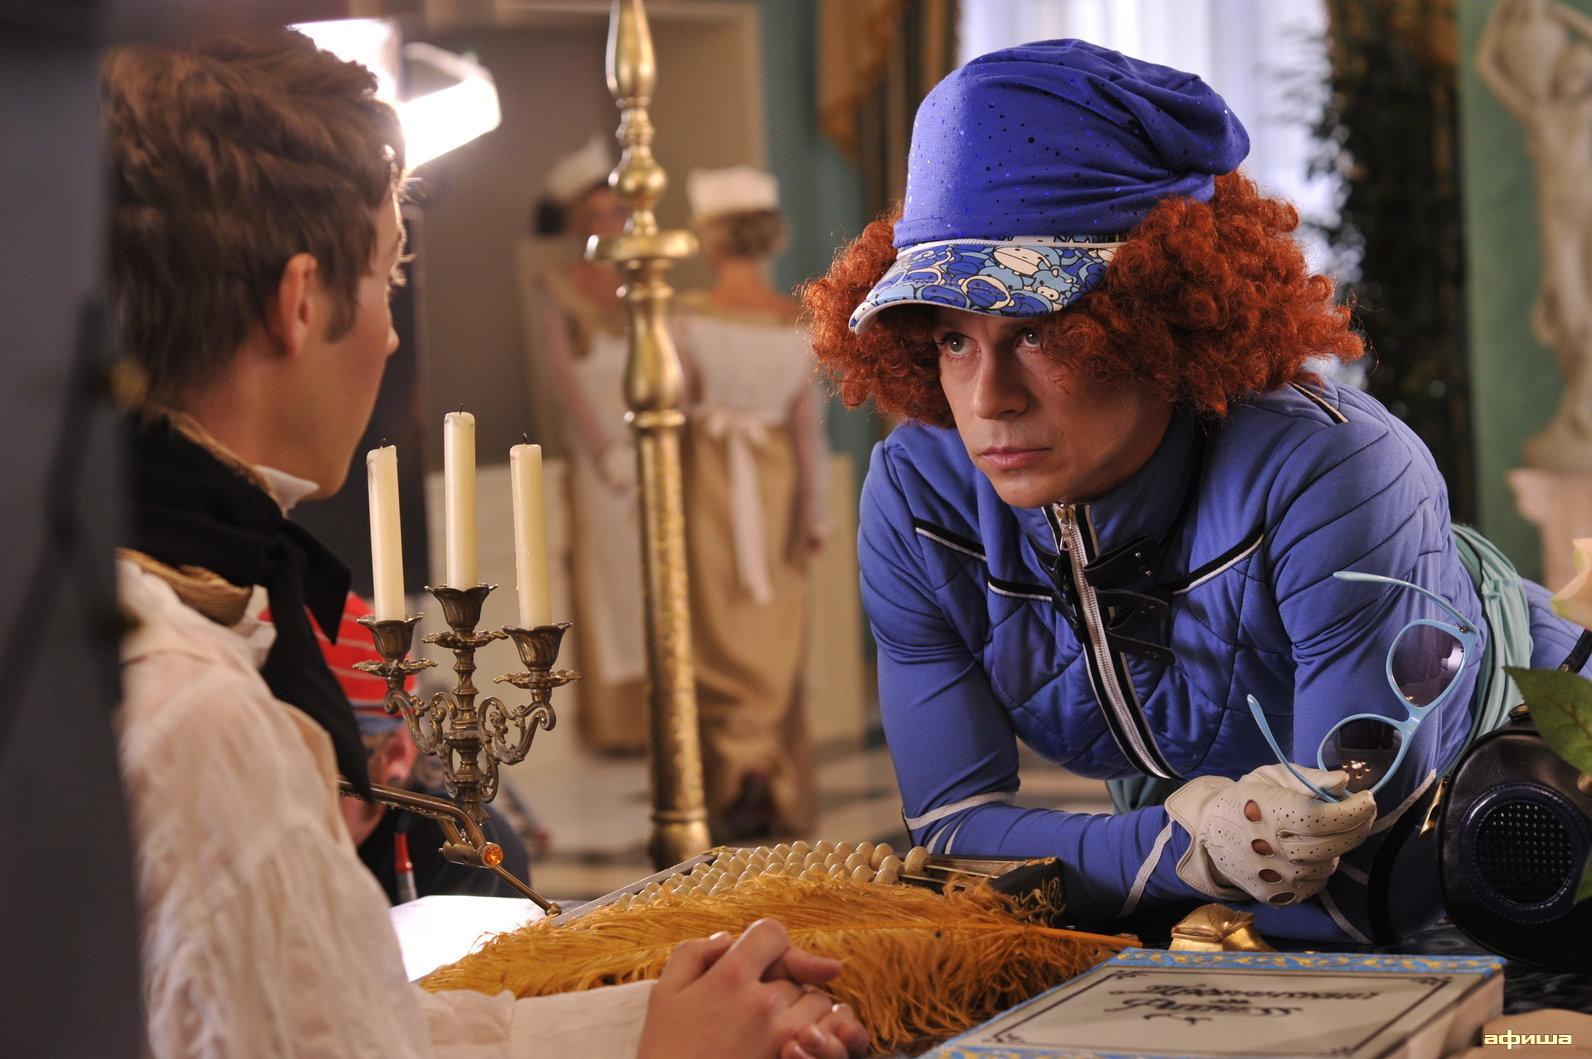 Ржевский против Наполеона смотреть фото